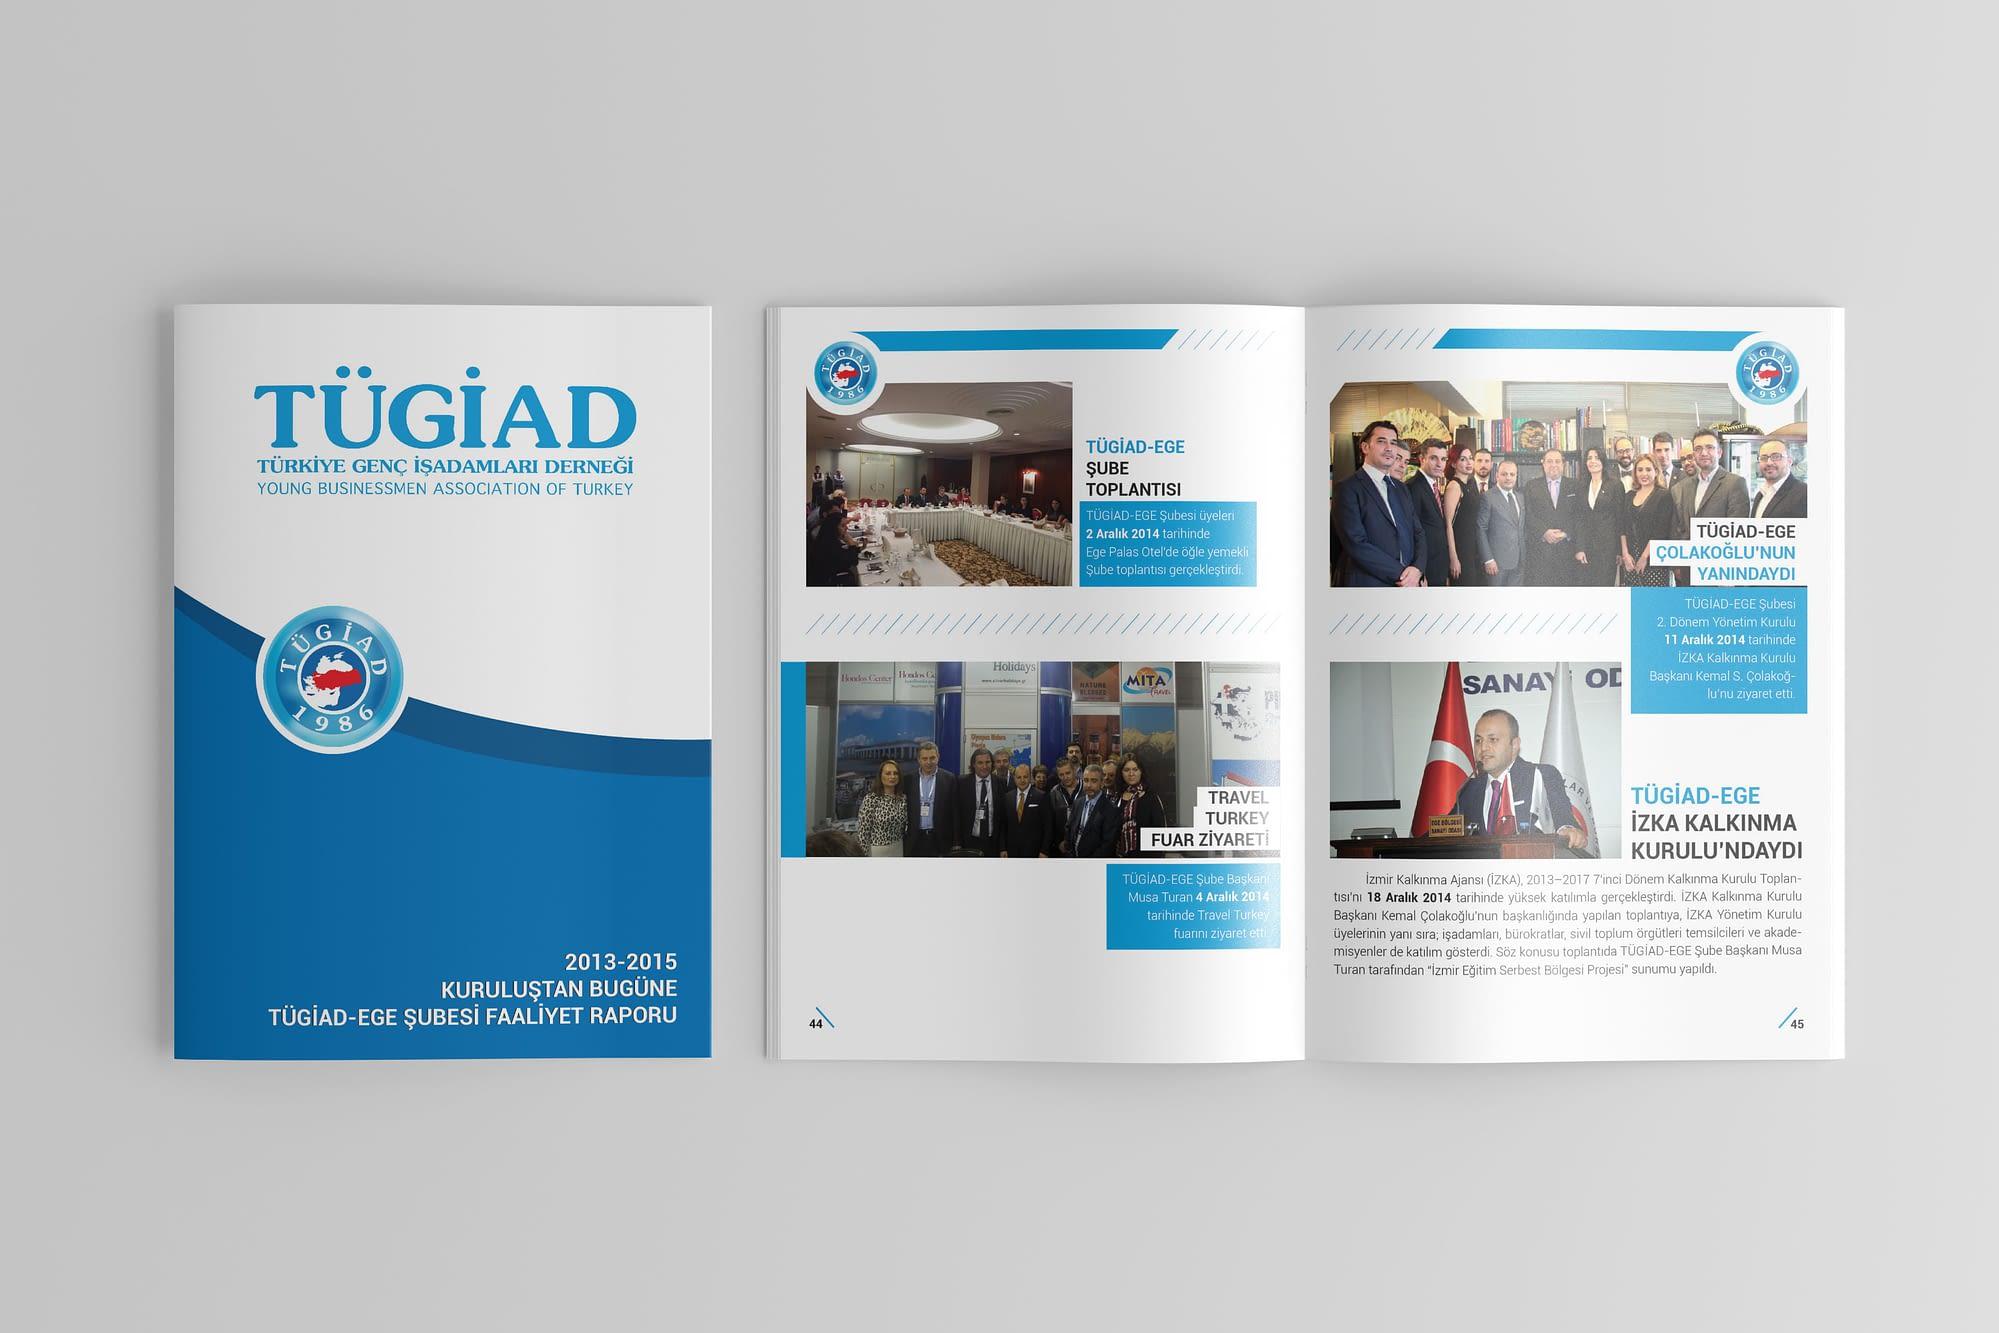 tügiad-2013-2015-Katalog